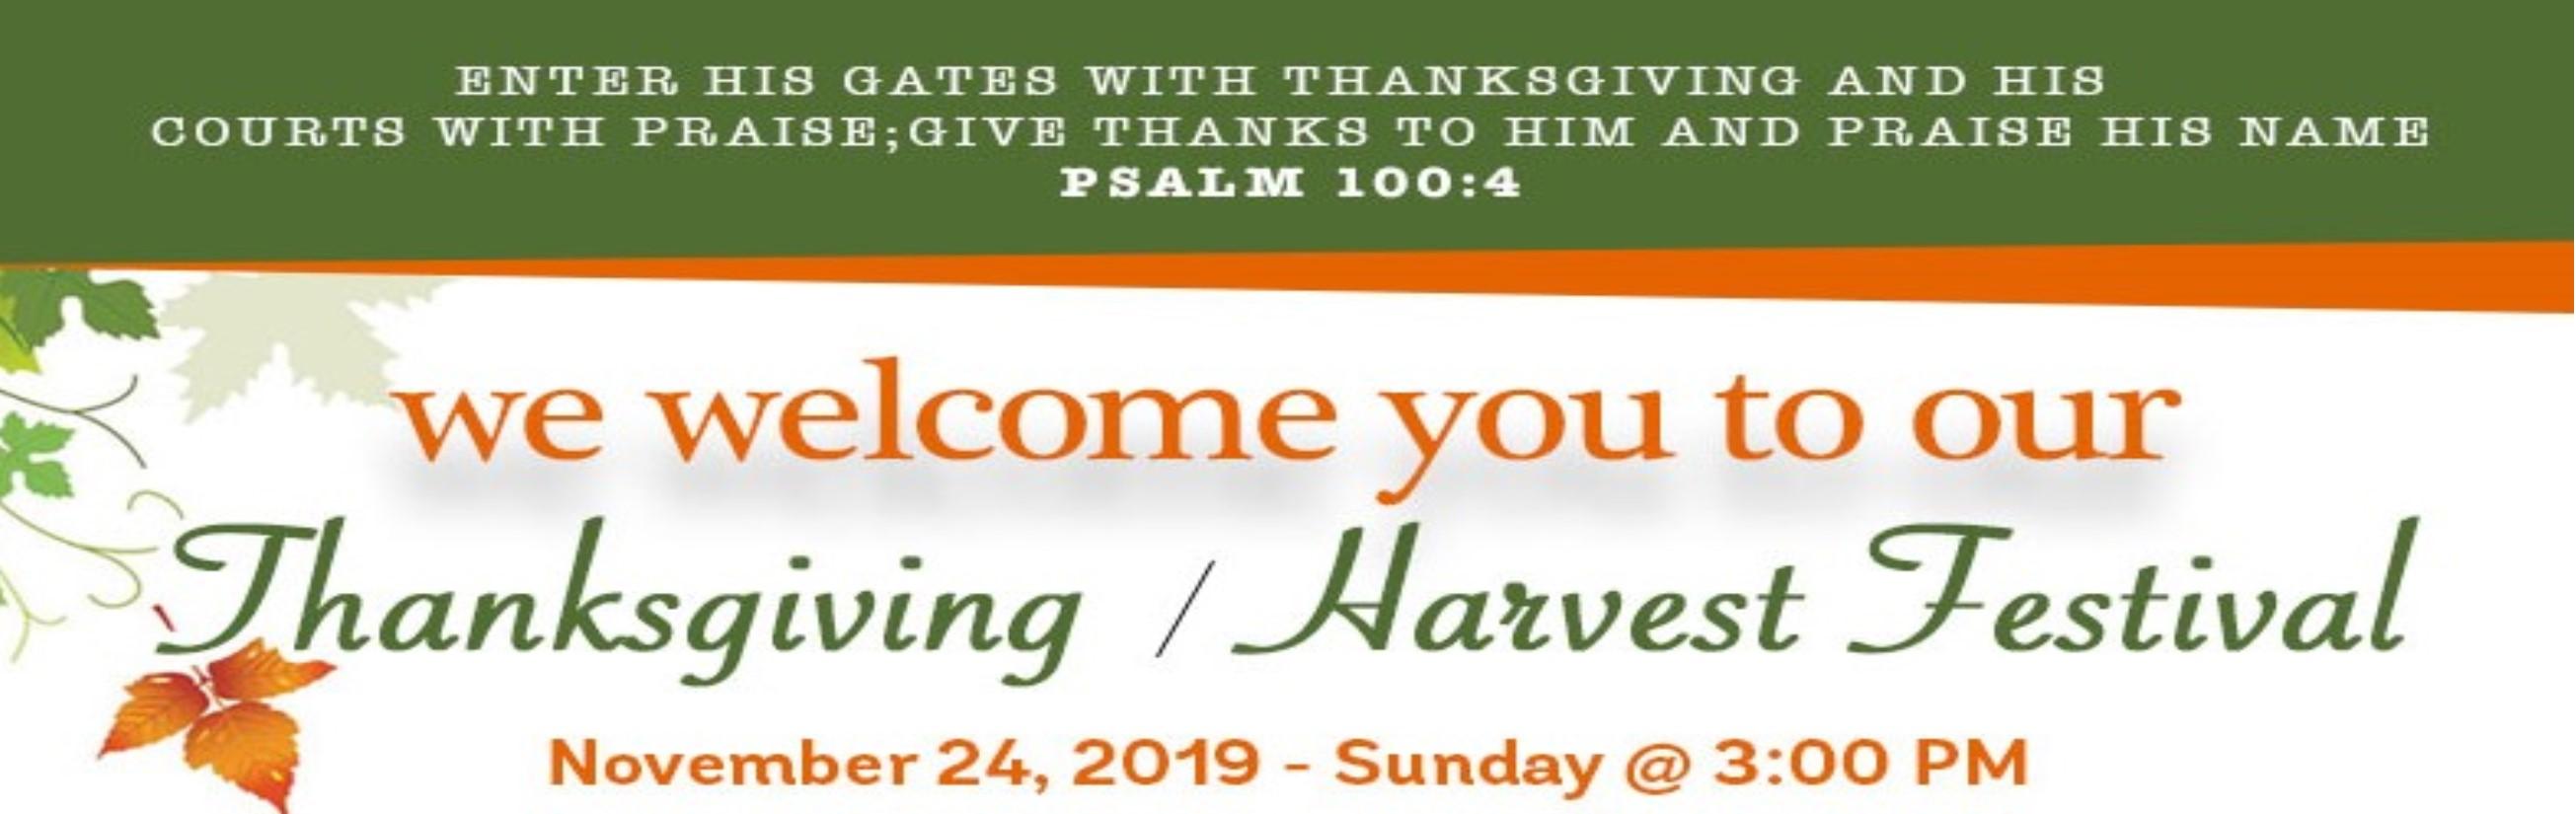 Harvest-Festival-2019-Banner-